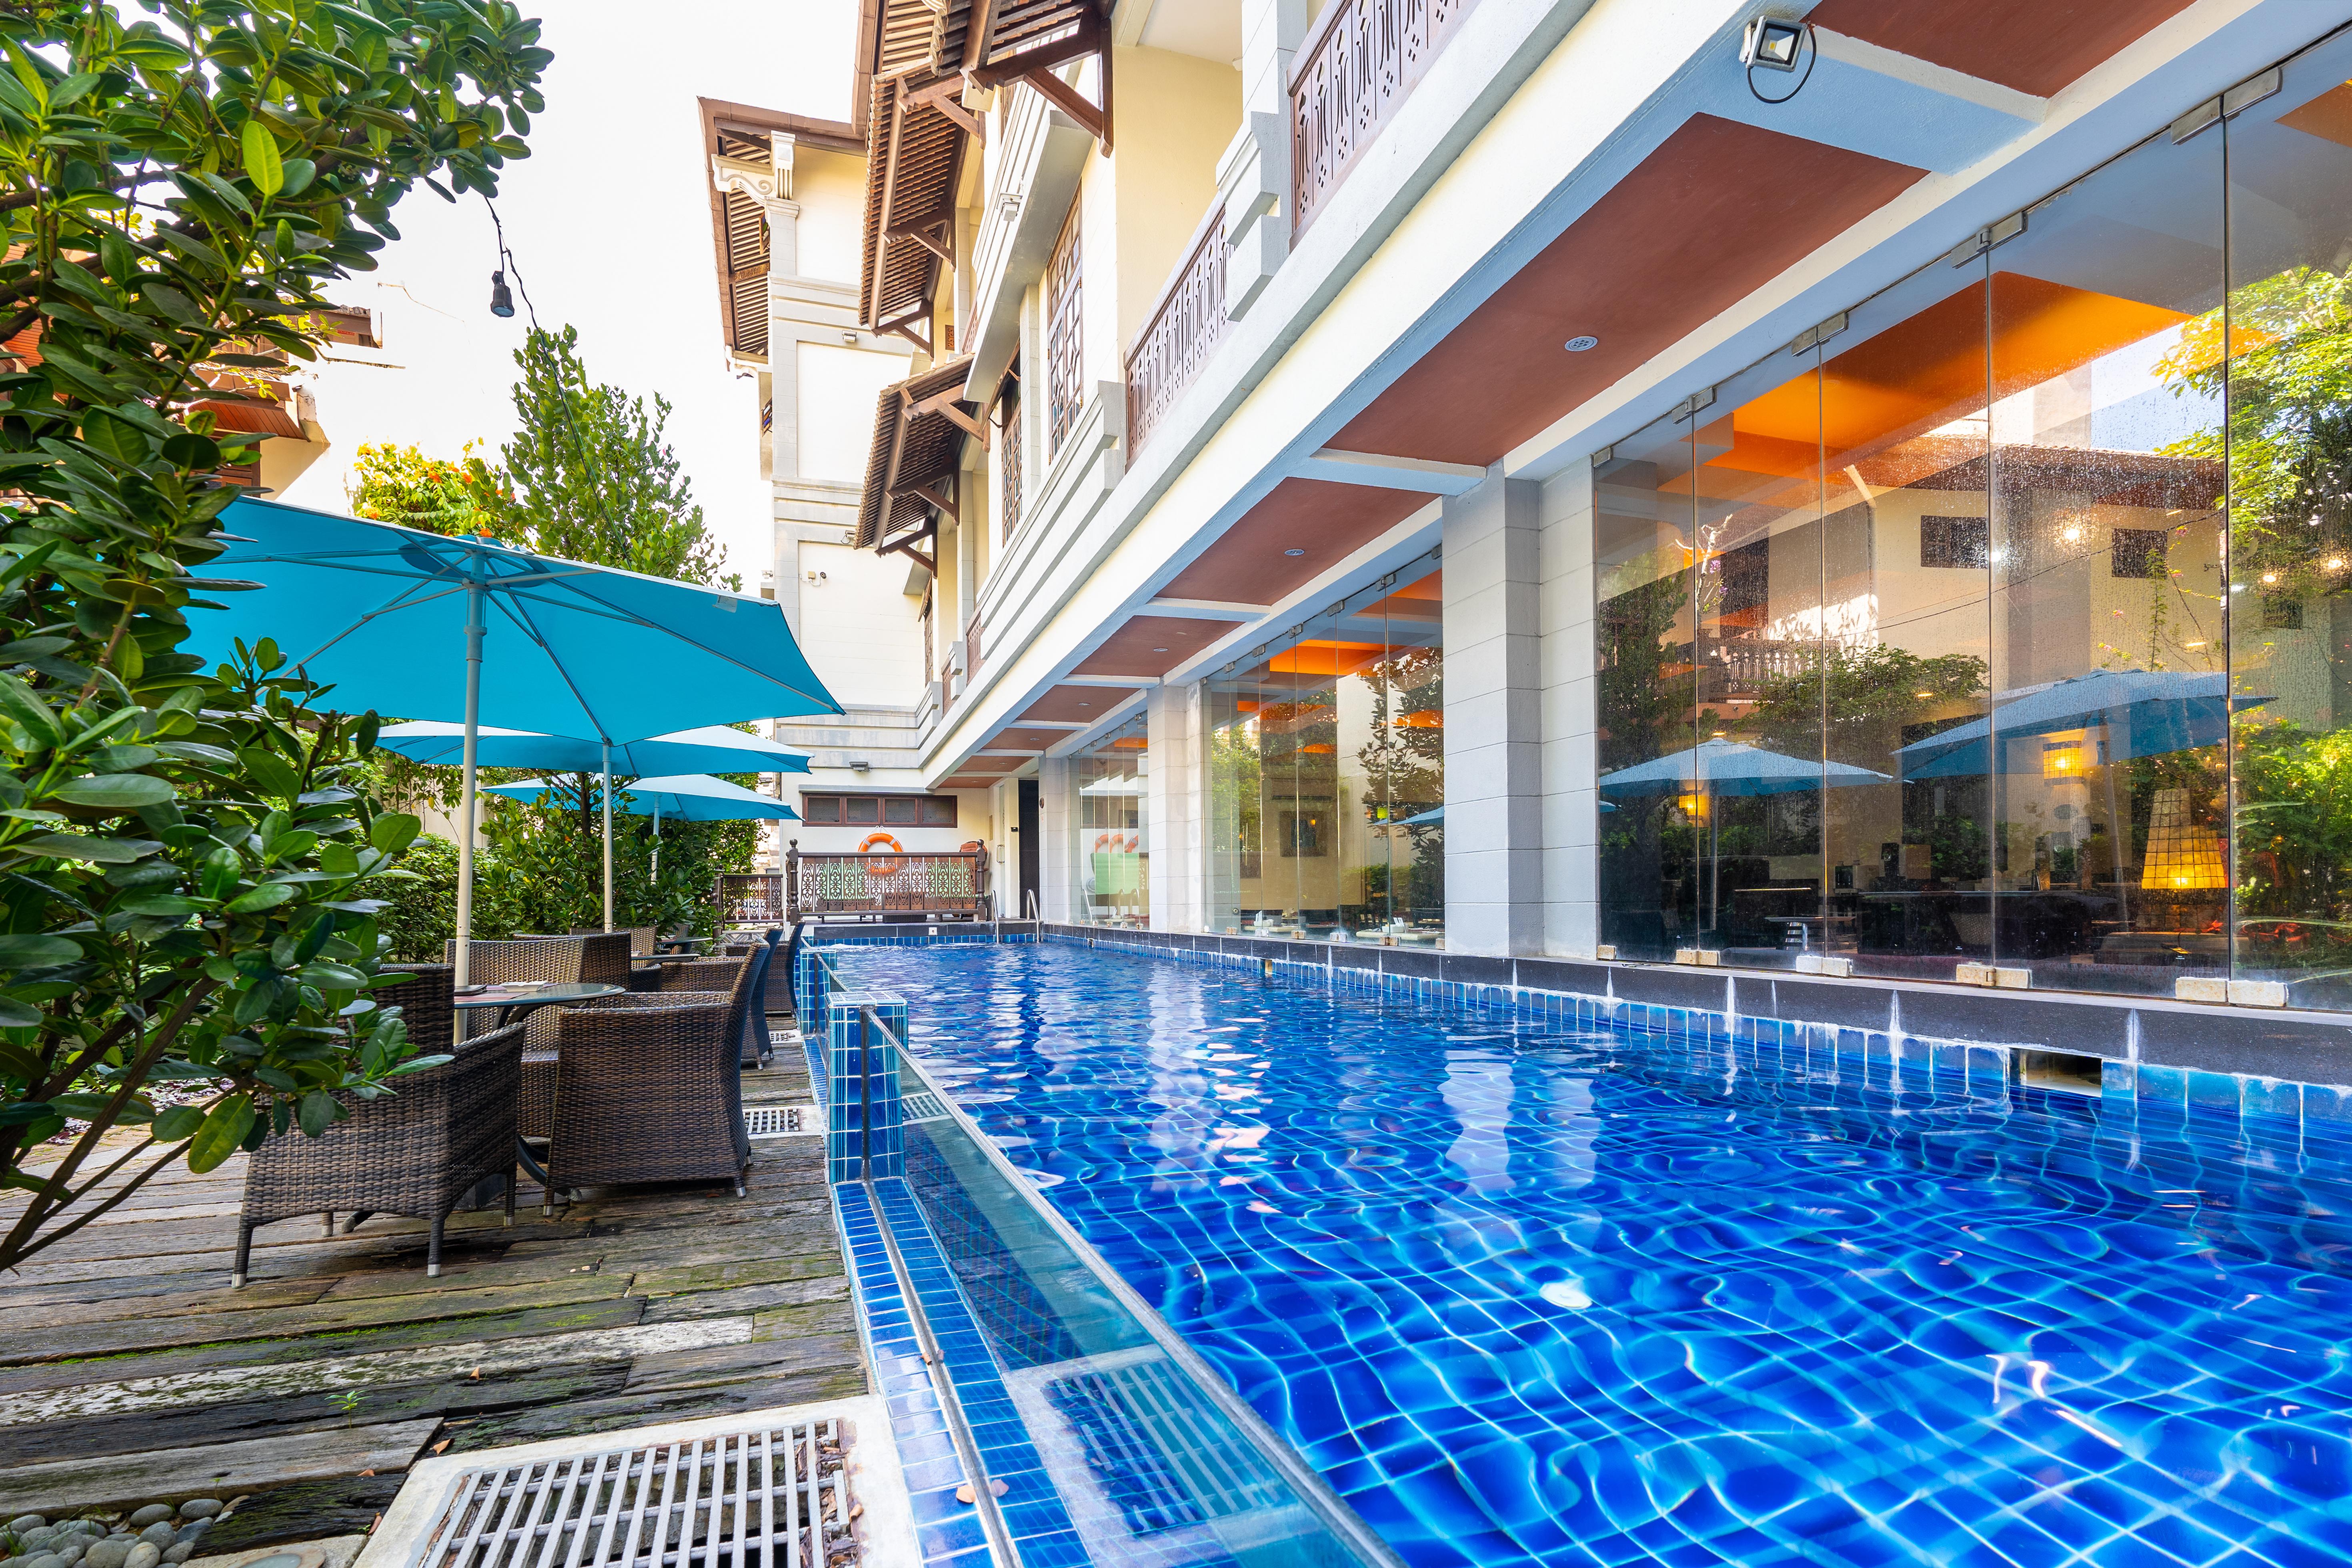 Hotel Penaga - Lap Pool (1)